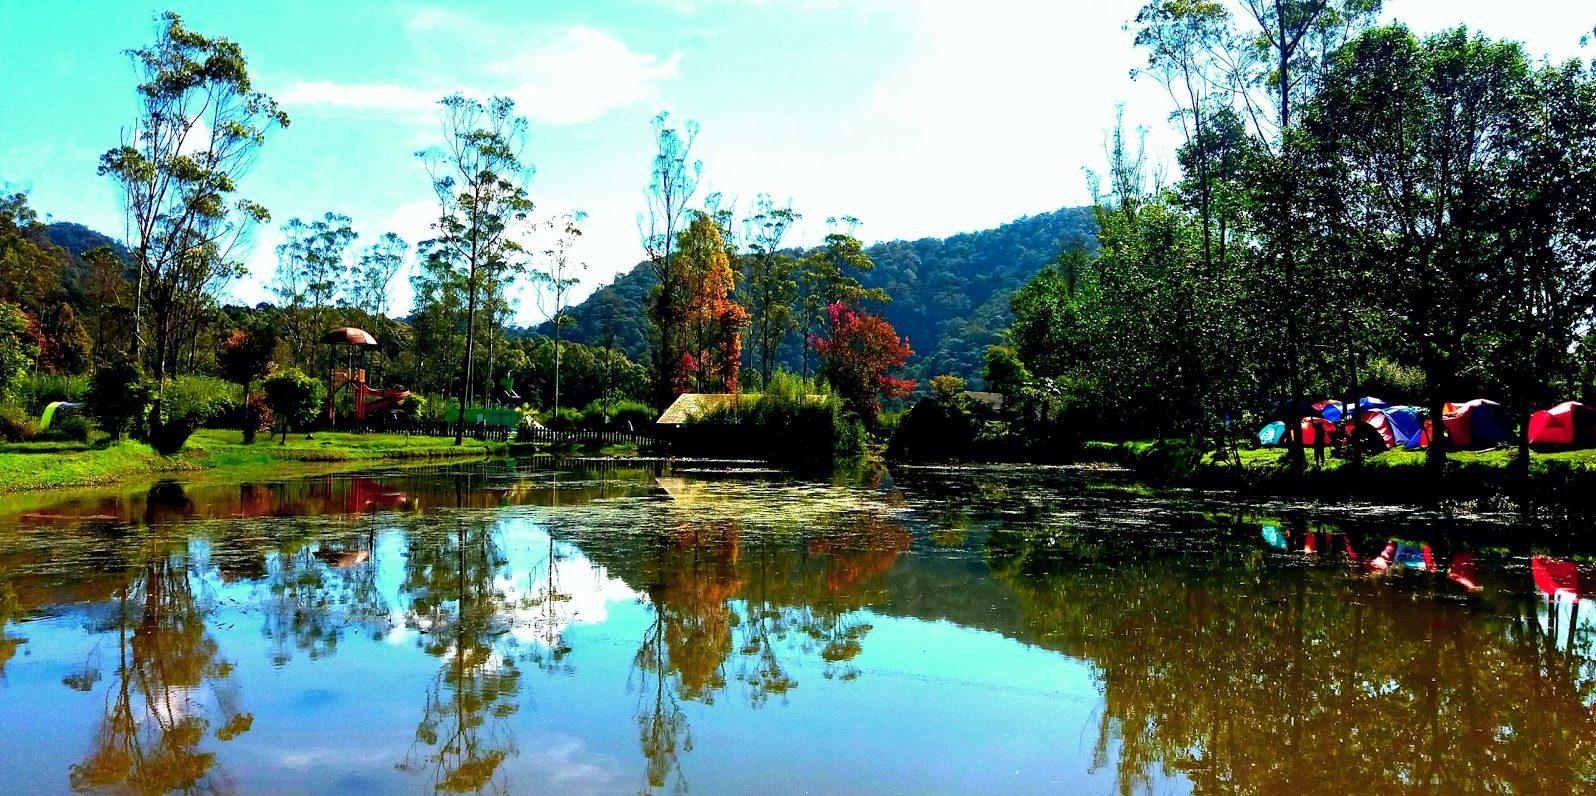 wisata Kampung Cai Ranca Upas